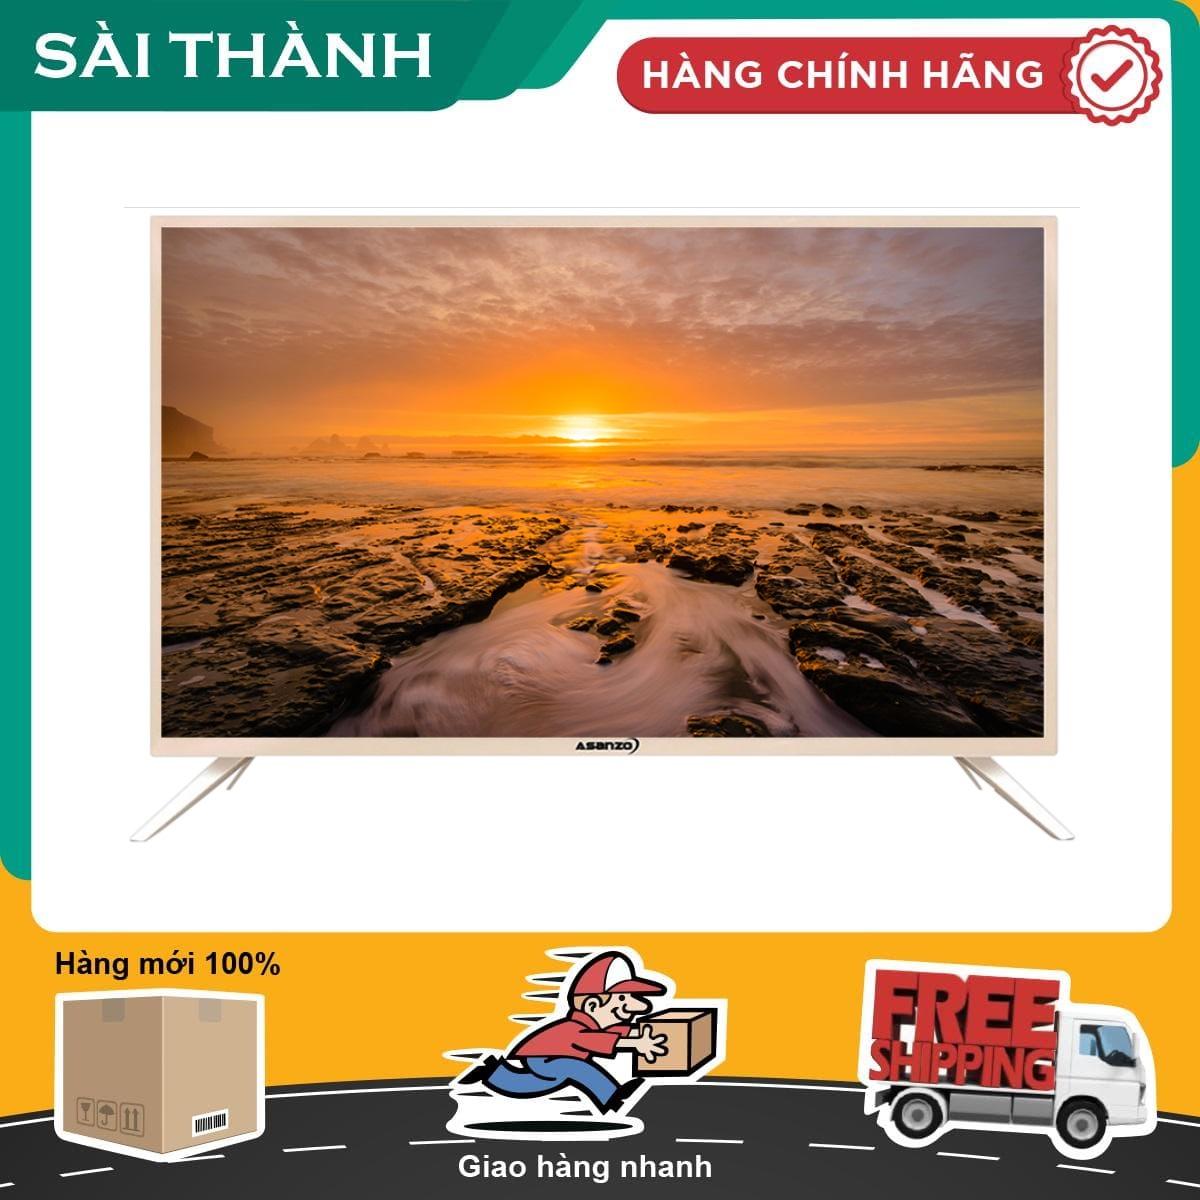 Bảng giá Smart Tivi Asanzo HD 32 inch 32AS100 - Bảo hành 2 năm - Miễn phí vận chuyển